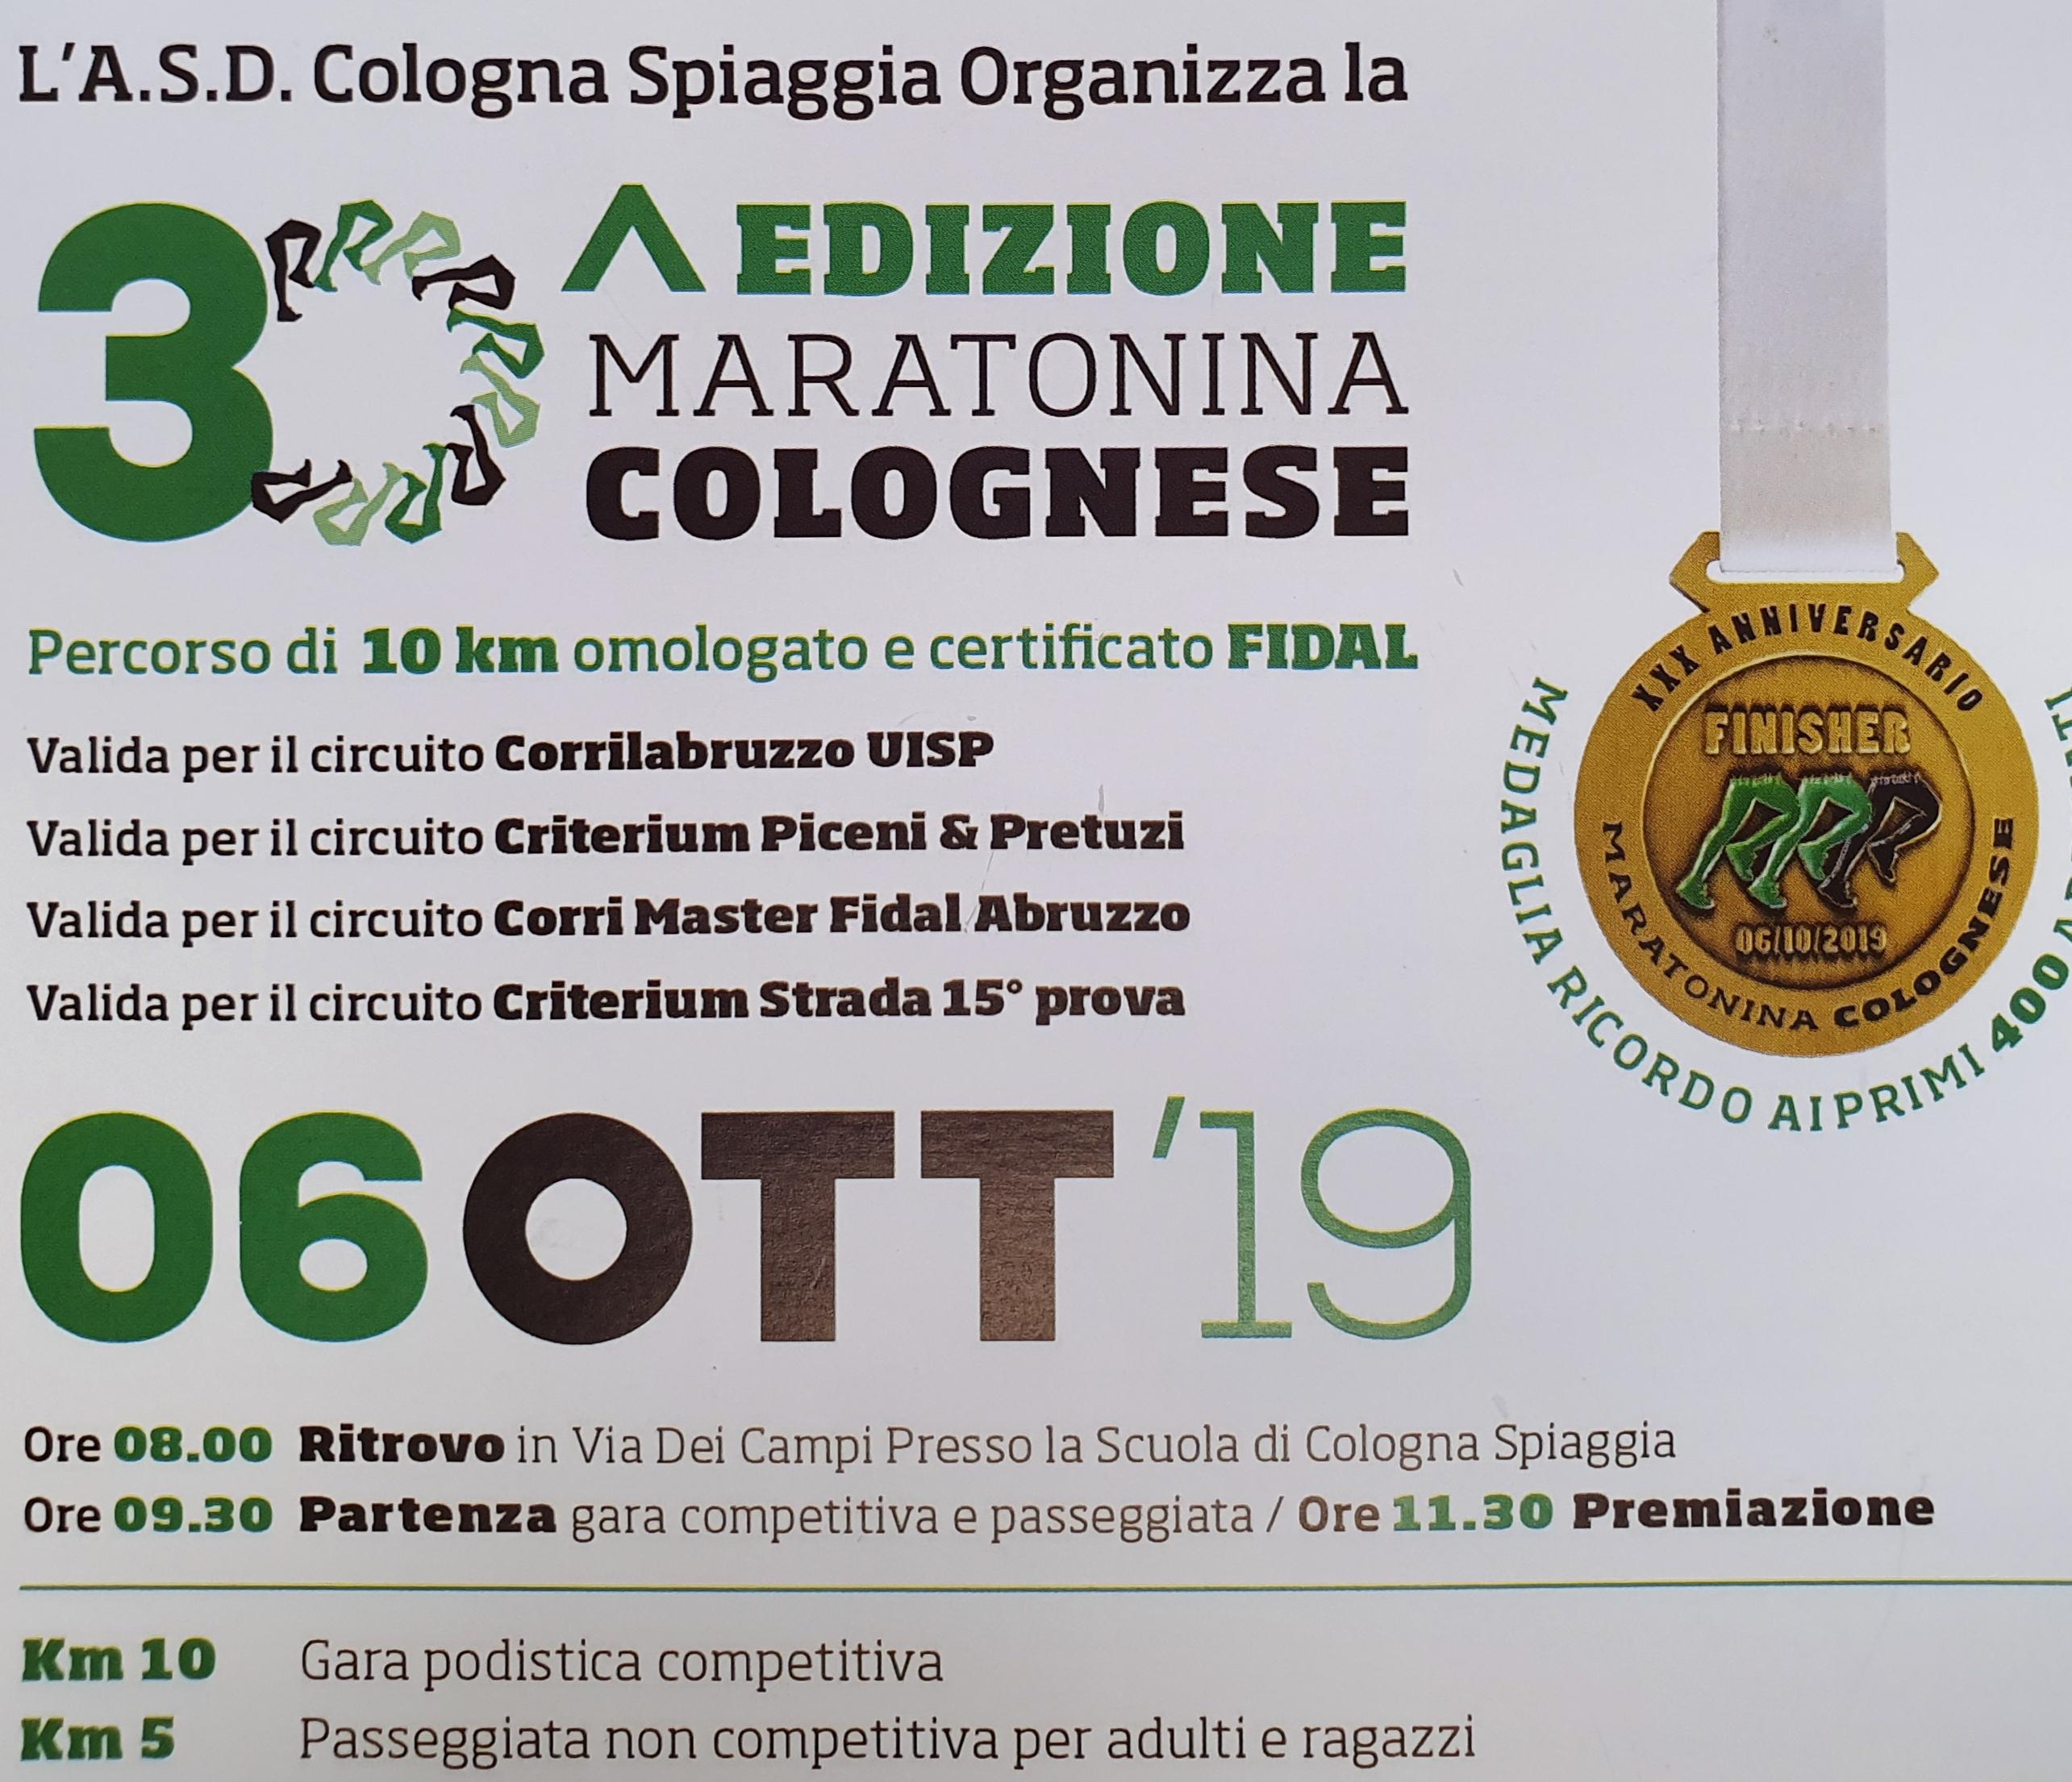 Maratonina Colognese 2019